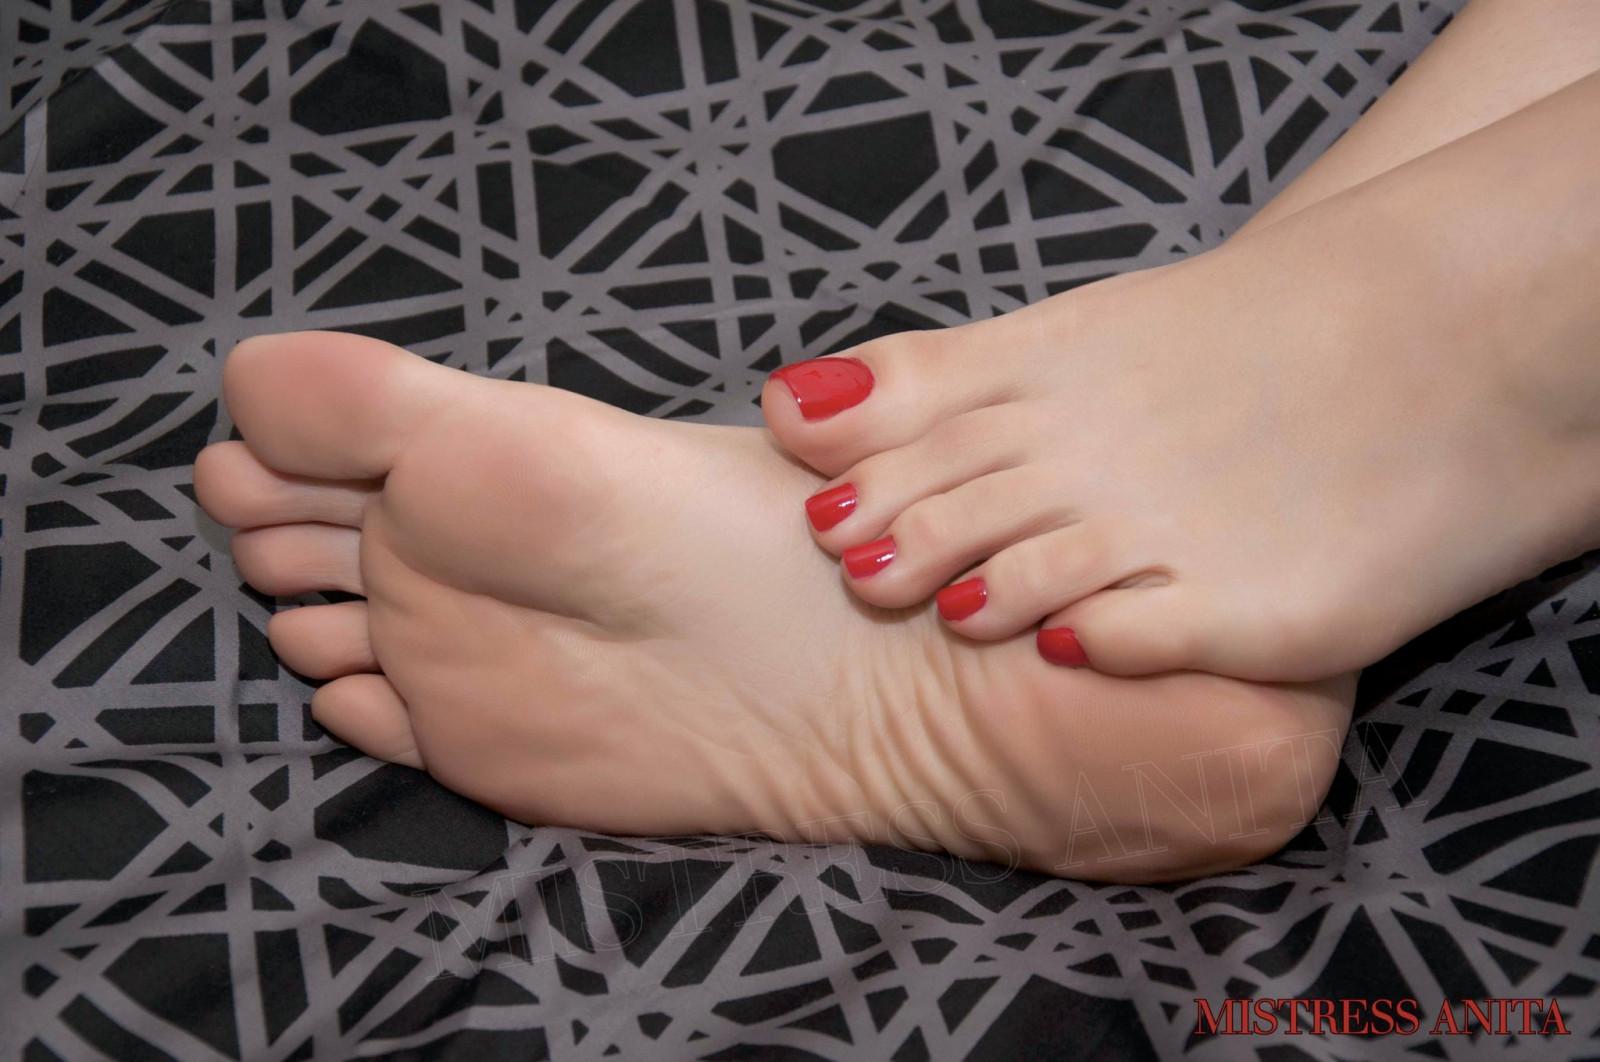 пальчики ног русских девушек фото - 6